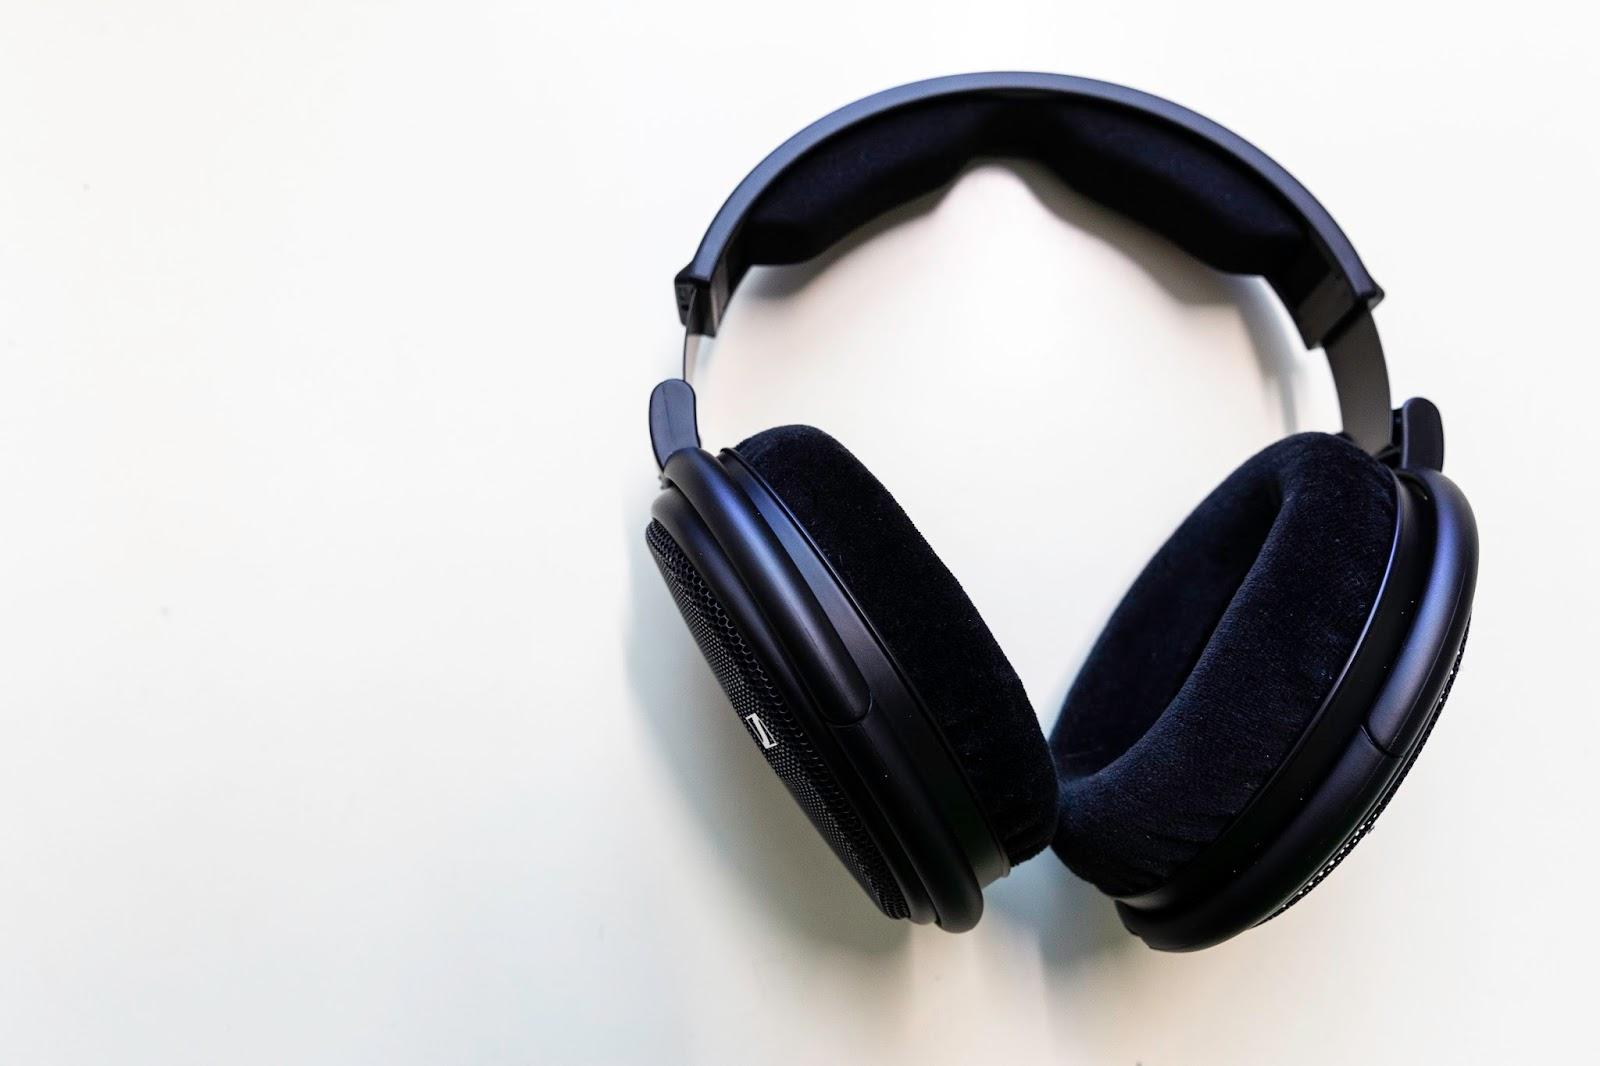 e7f14f0c6 Los Auriculares más Nítidos que he Probado: Análisis Auriculares Sennheiser  HD 660 S (The Sharpest Headphones That Tested: Sennheiser HD 660 S  Headphones ...